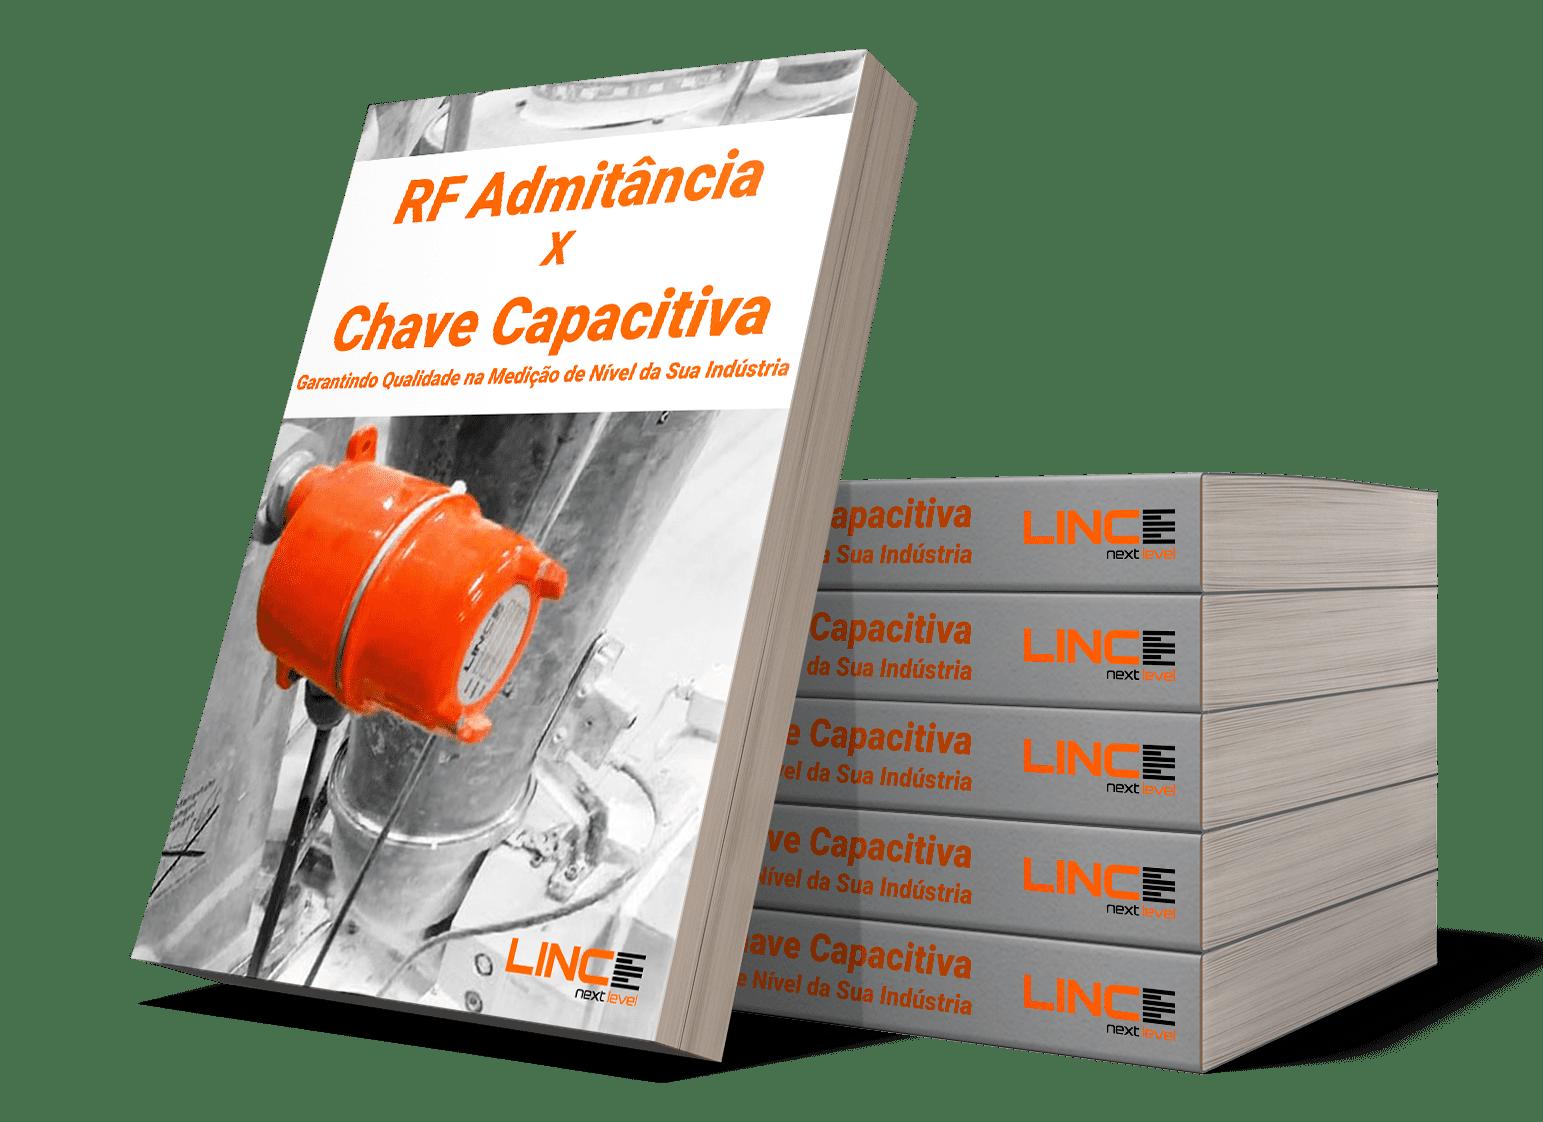 RF Admitância x Chave Capacitiva – Garantindo Qualidade na Medição de Nível da sua Indústria